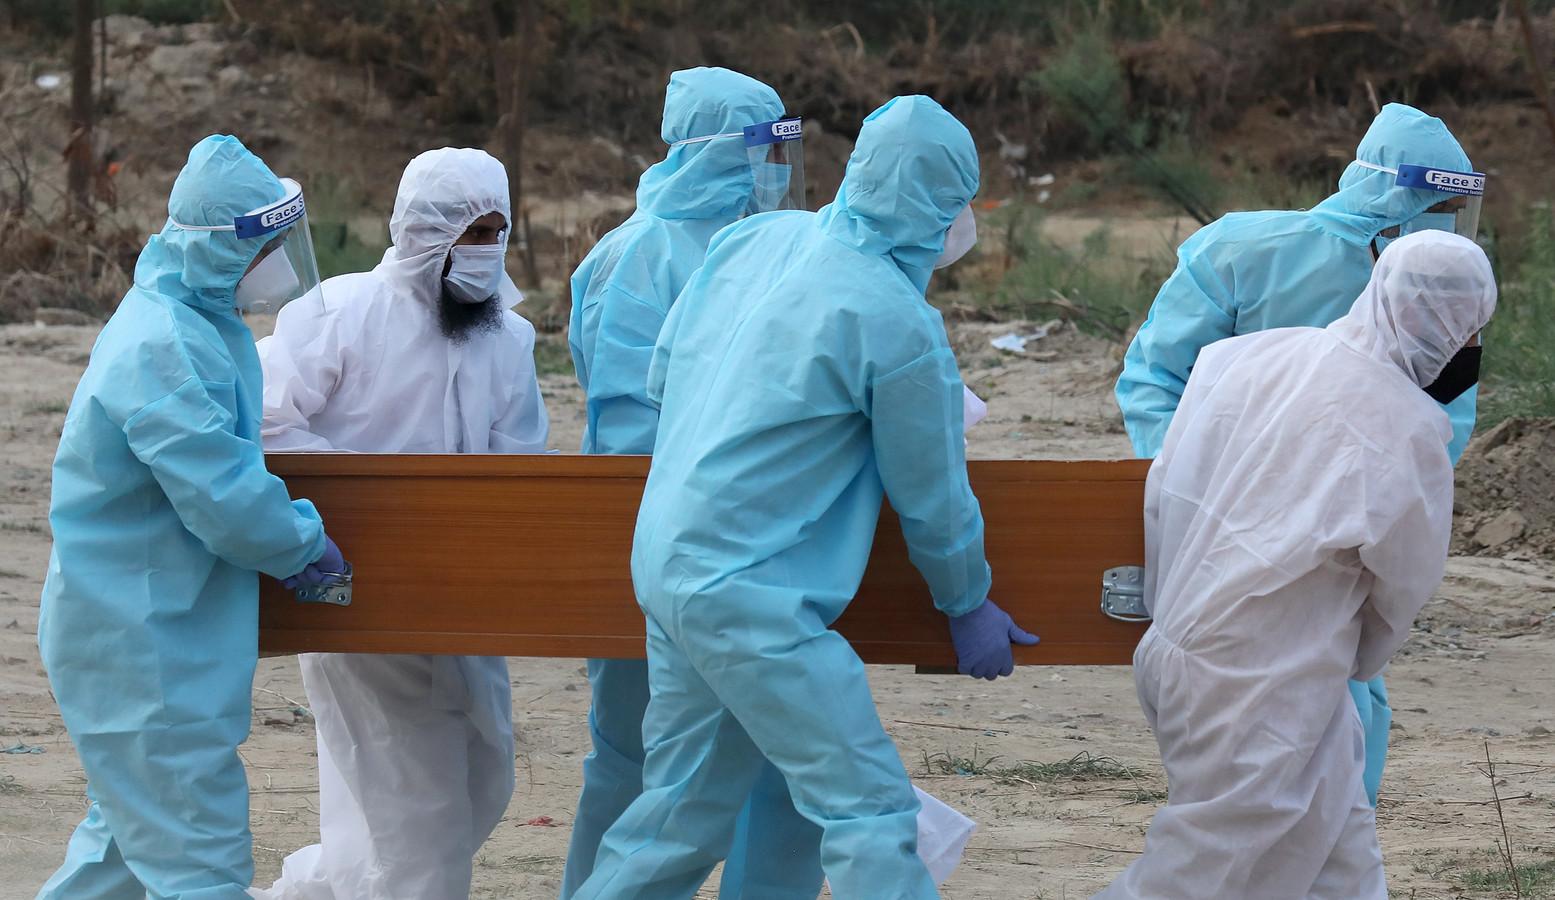 Familieleden in beschermende kledij brengen een aan Covid-19 gestorven familielid naar zijn laatste rustplaats in New Delhi, India.